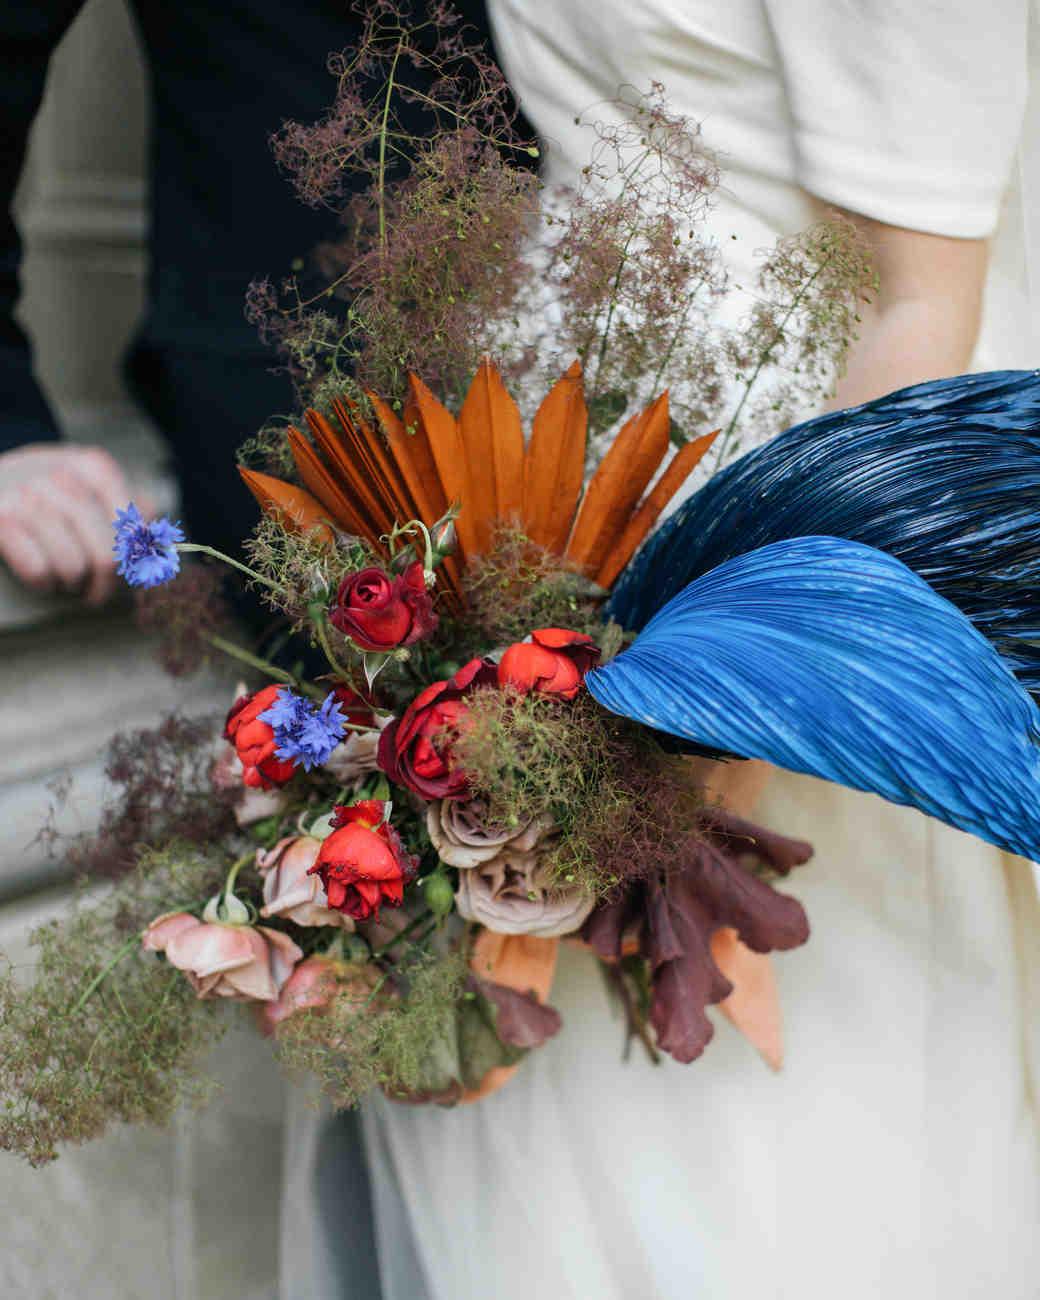 Unique Non-Floral Wedding Bouquet Ideas